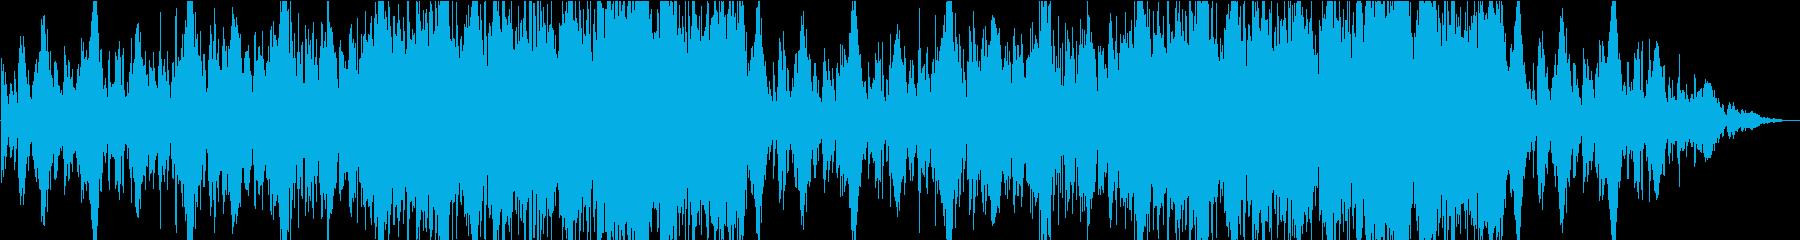 ダークメルヘンなゆったりとぼけた曲の再生済みの波形